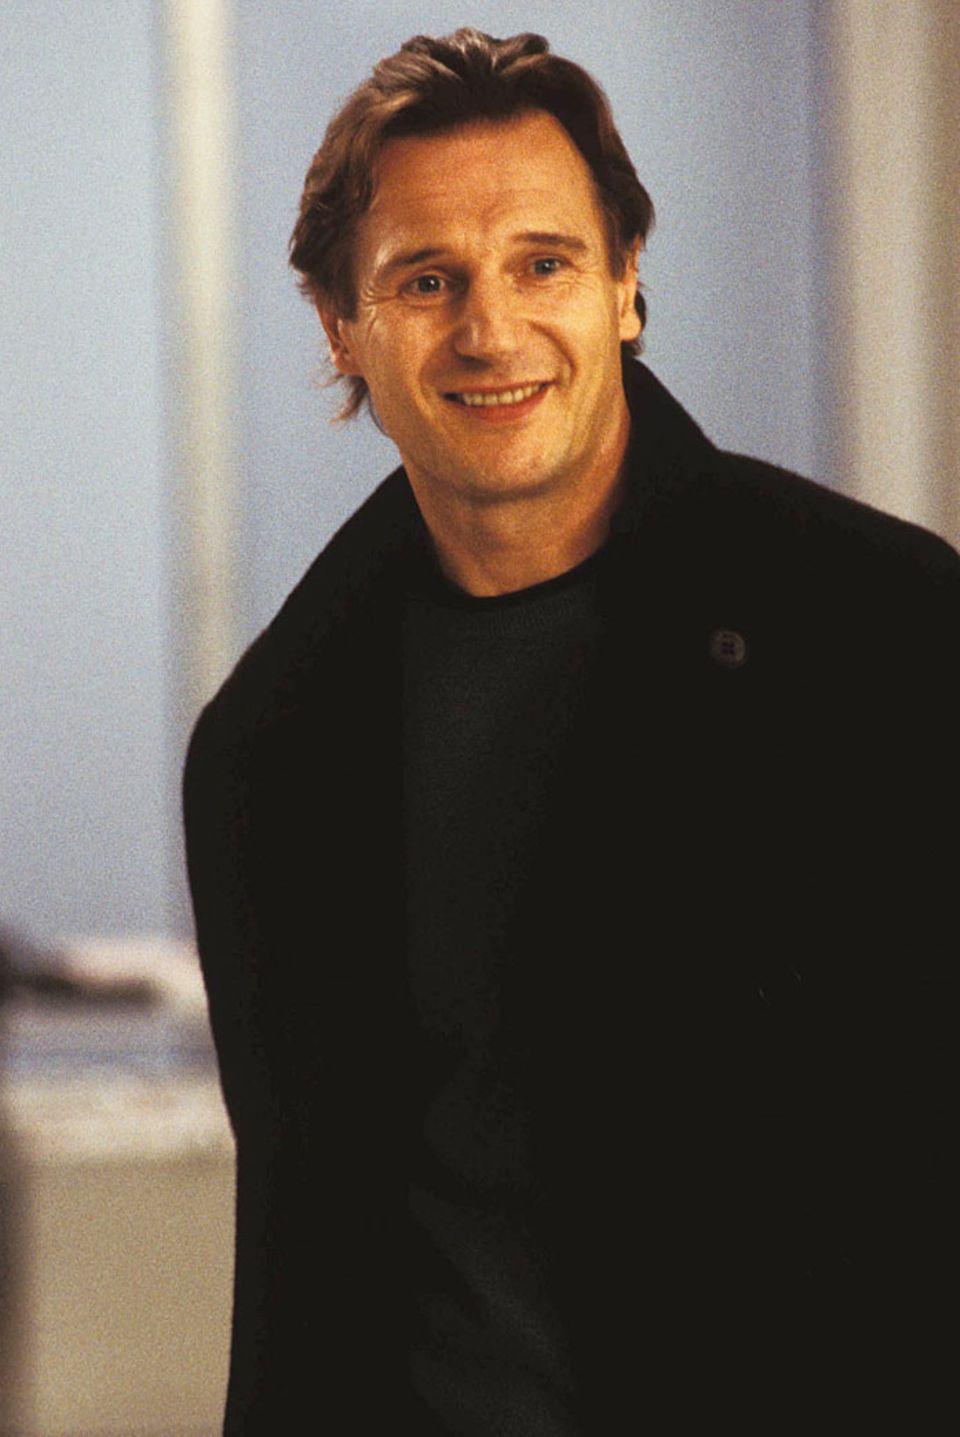 """Dem breiten Publikum eher aus """"Schindlers Liste"""", Action- oder Fantasyfilmen bekannt, spielt Liam Neeson in der Romantikkomödie """"Tatsächlich Liebe"""" einen alleinerziehenden Witwer. 2012 spielte er die Hauptrolle in der Fortsetzung von """"96 Hours"""", 2016 das Monster in """"Sieben Minuten nach Mitternacht""""."""